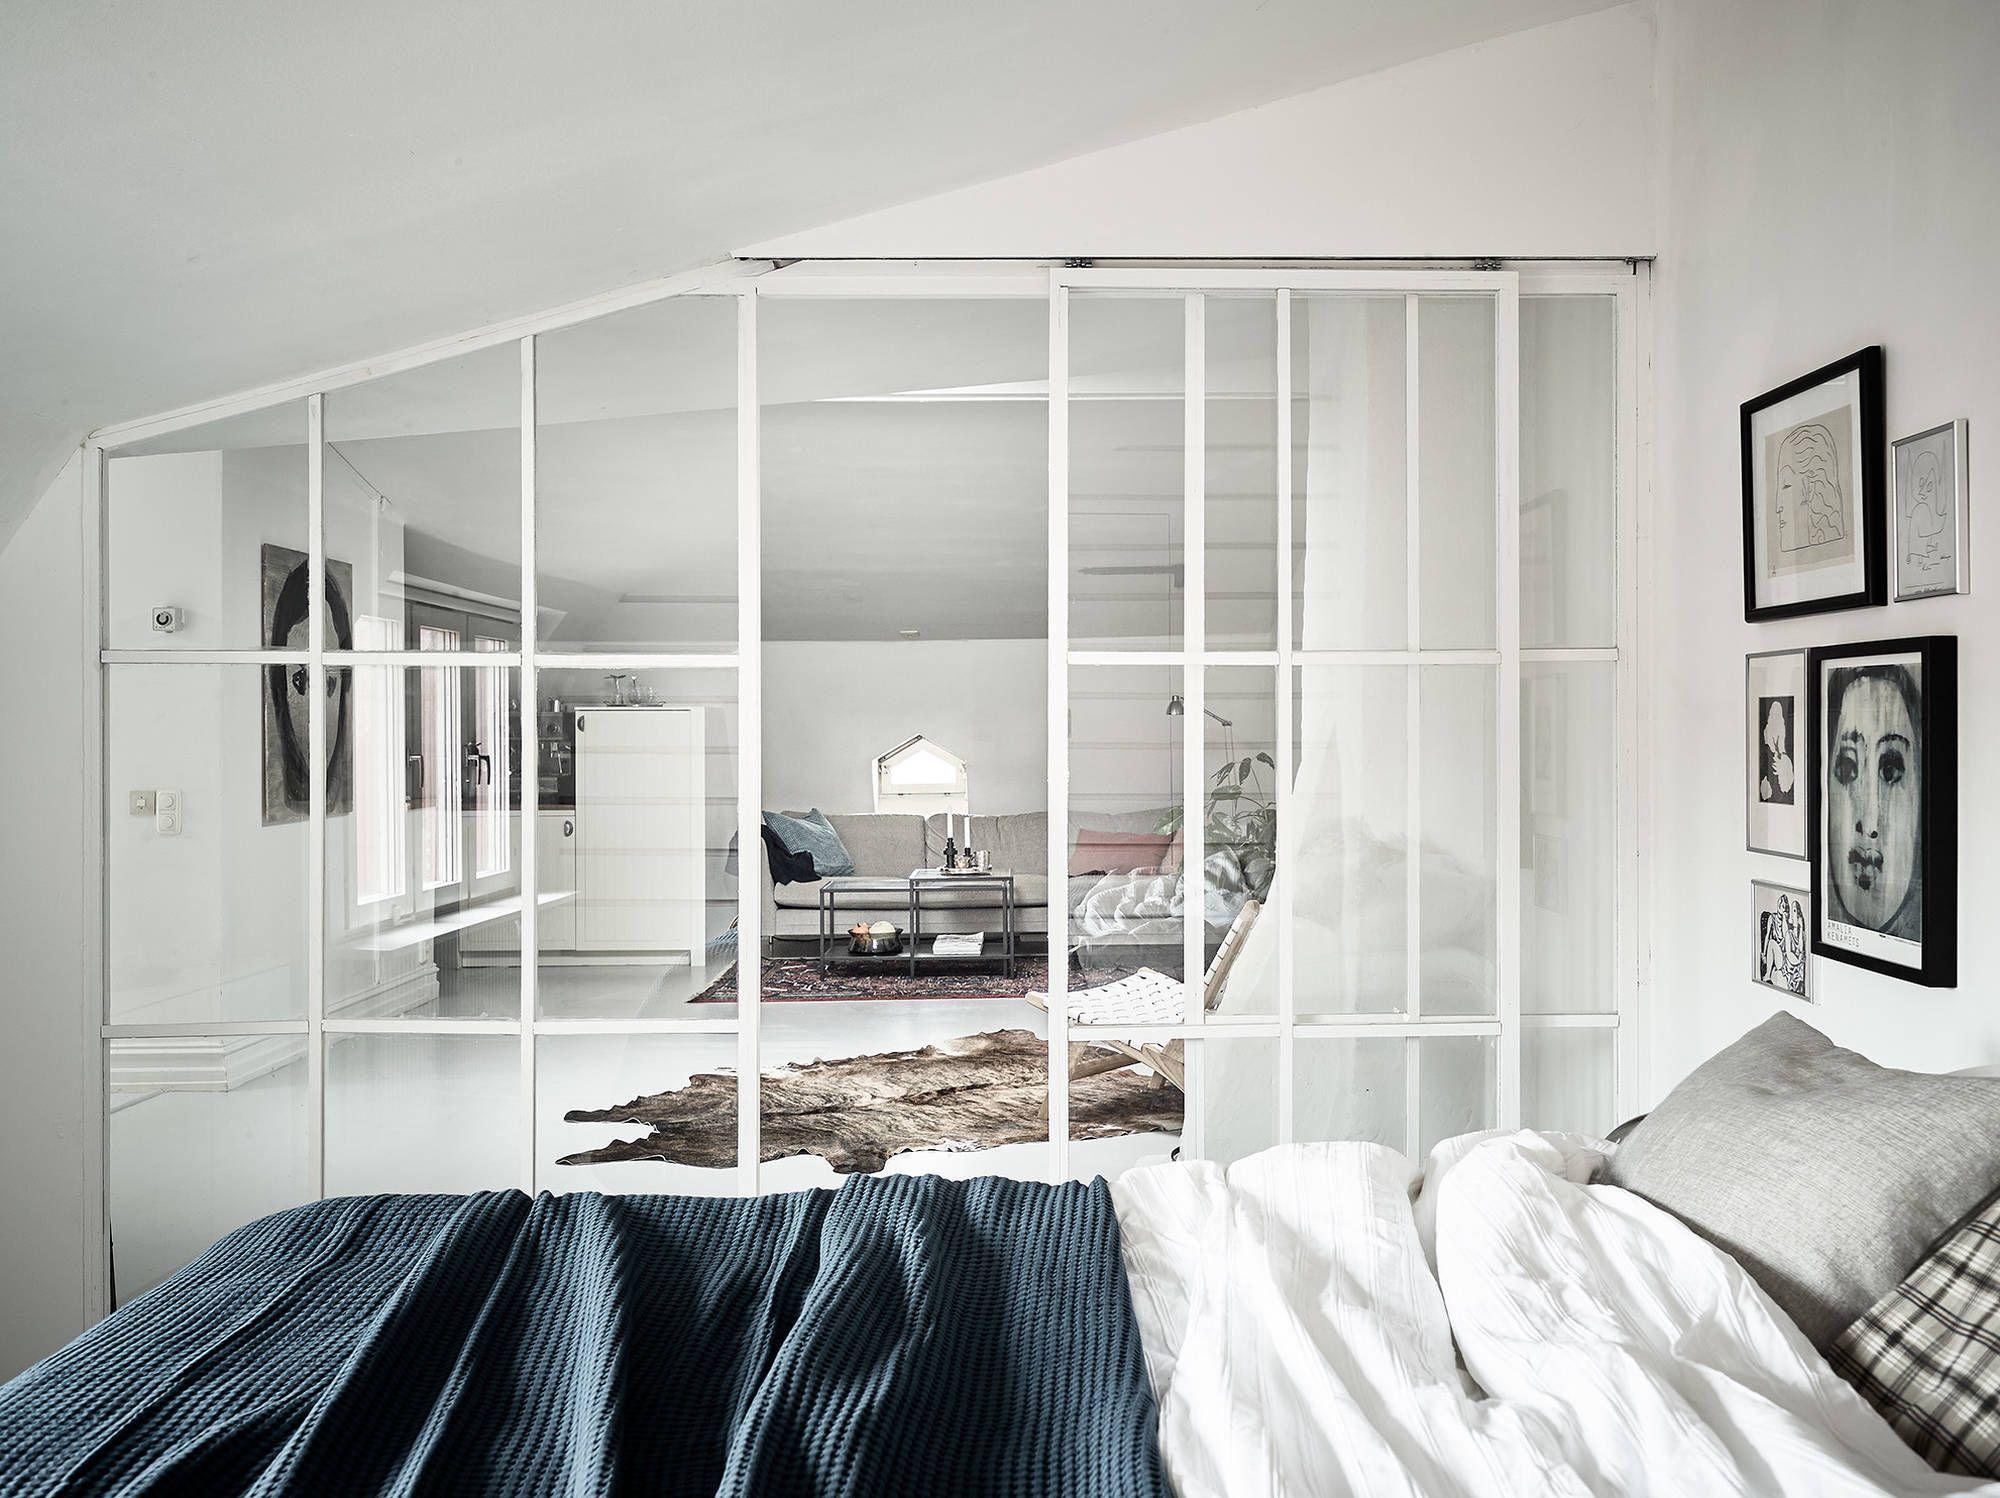 Scheidingswand Voor Slaapkamer : Stoer en zacht tegelijk: een witte industriële scheidingswand